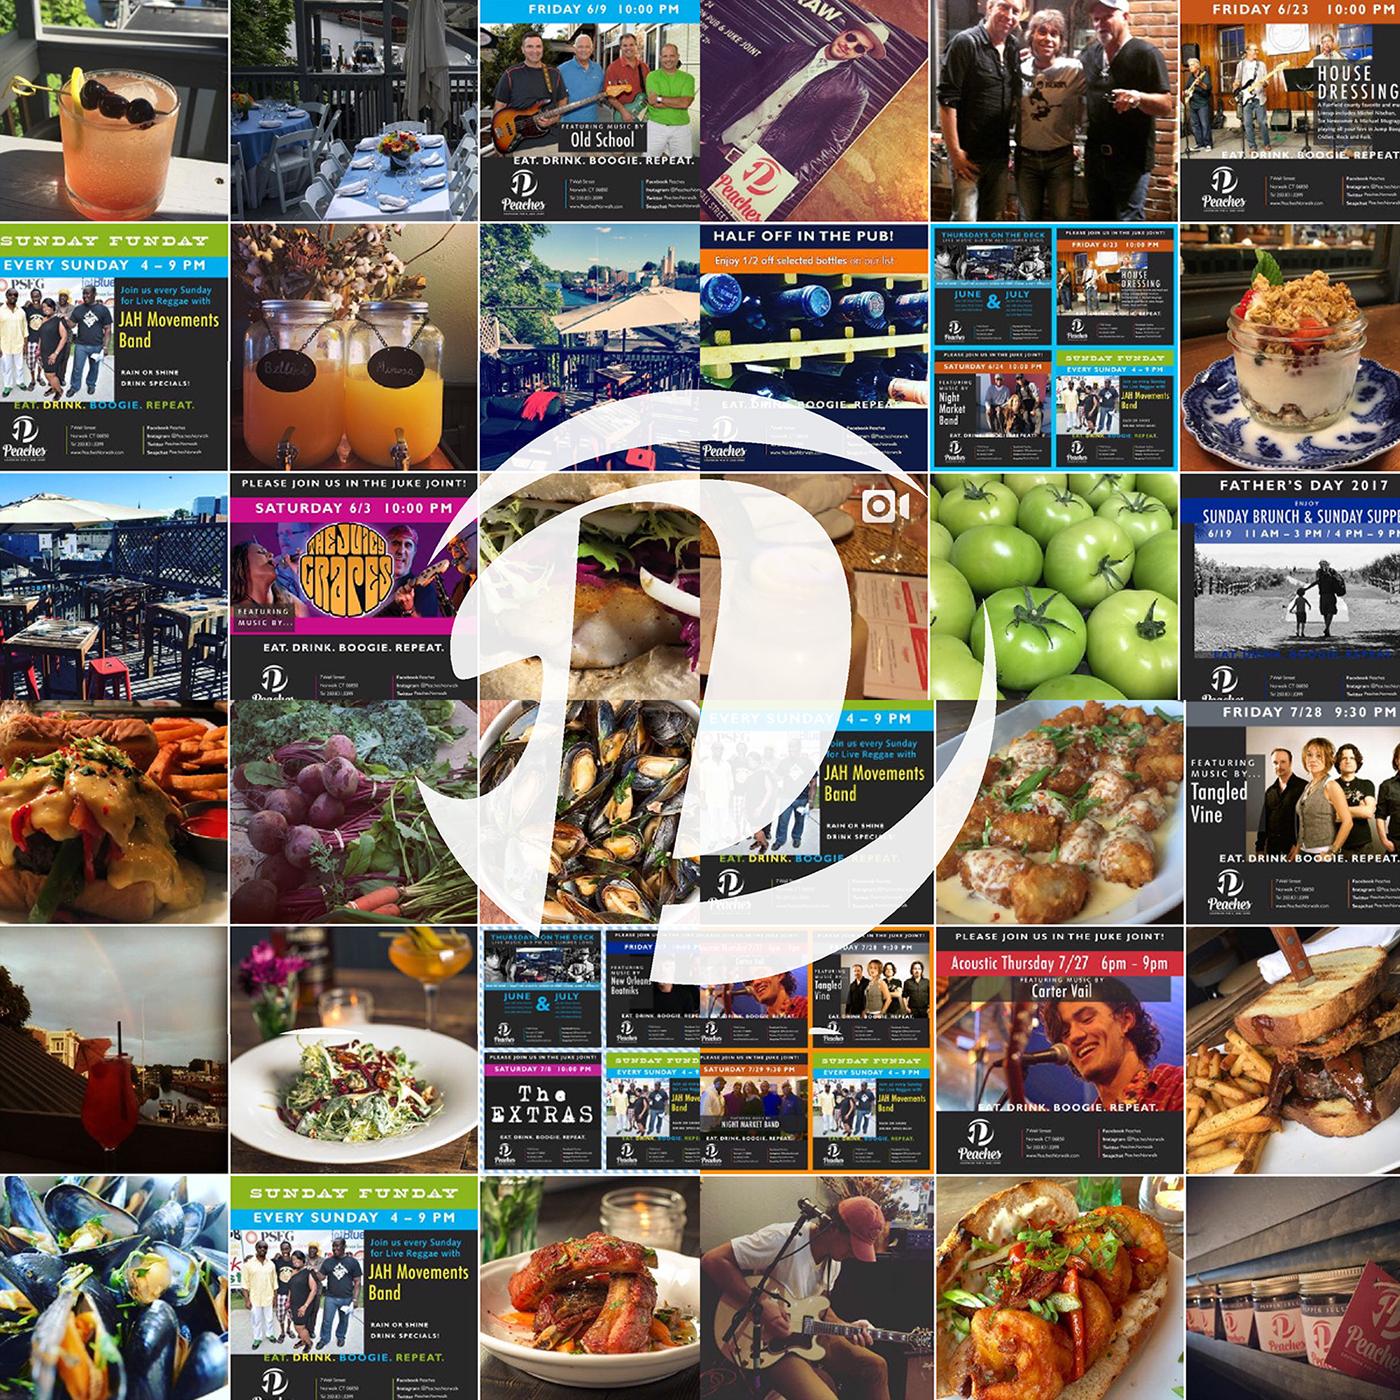 branding  social media graphic design  southern pub JUKE JOINT live music brand identity design Restaurant Branding